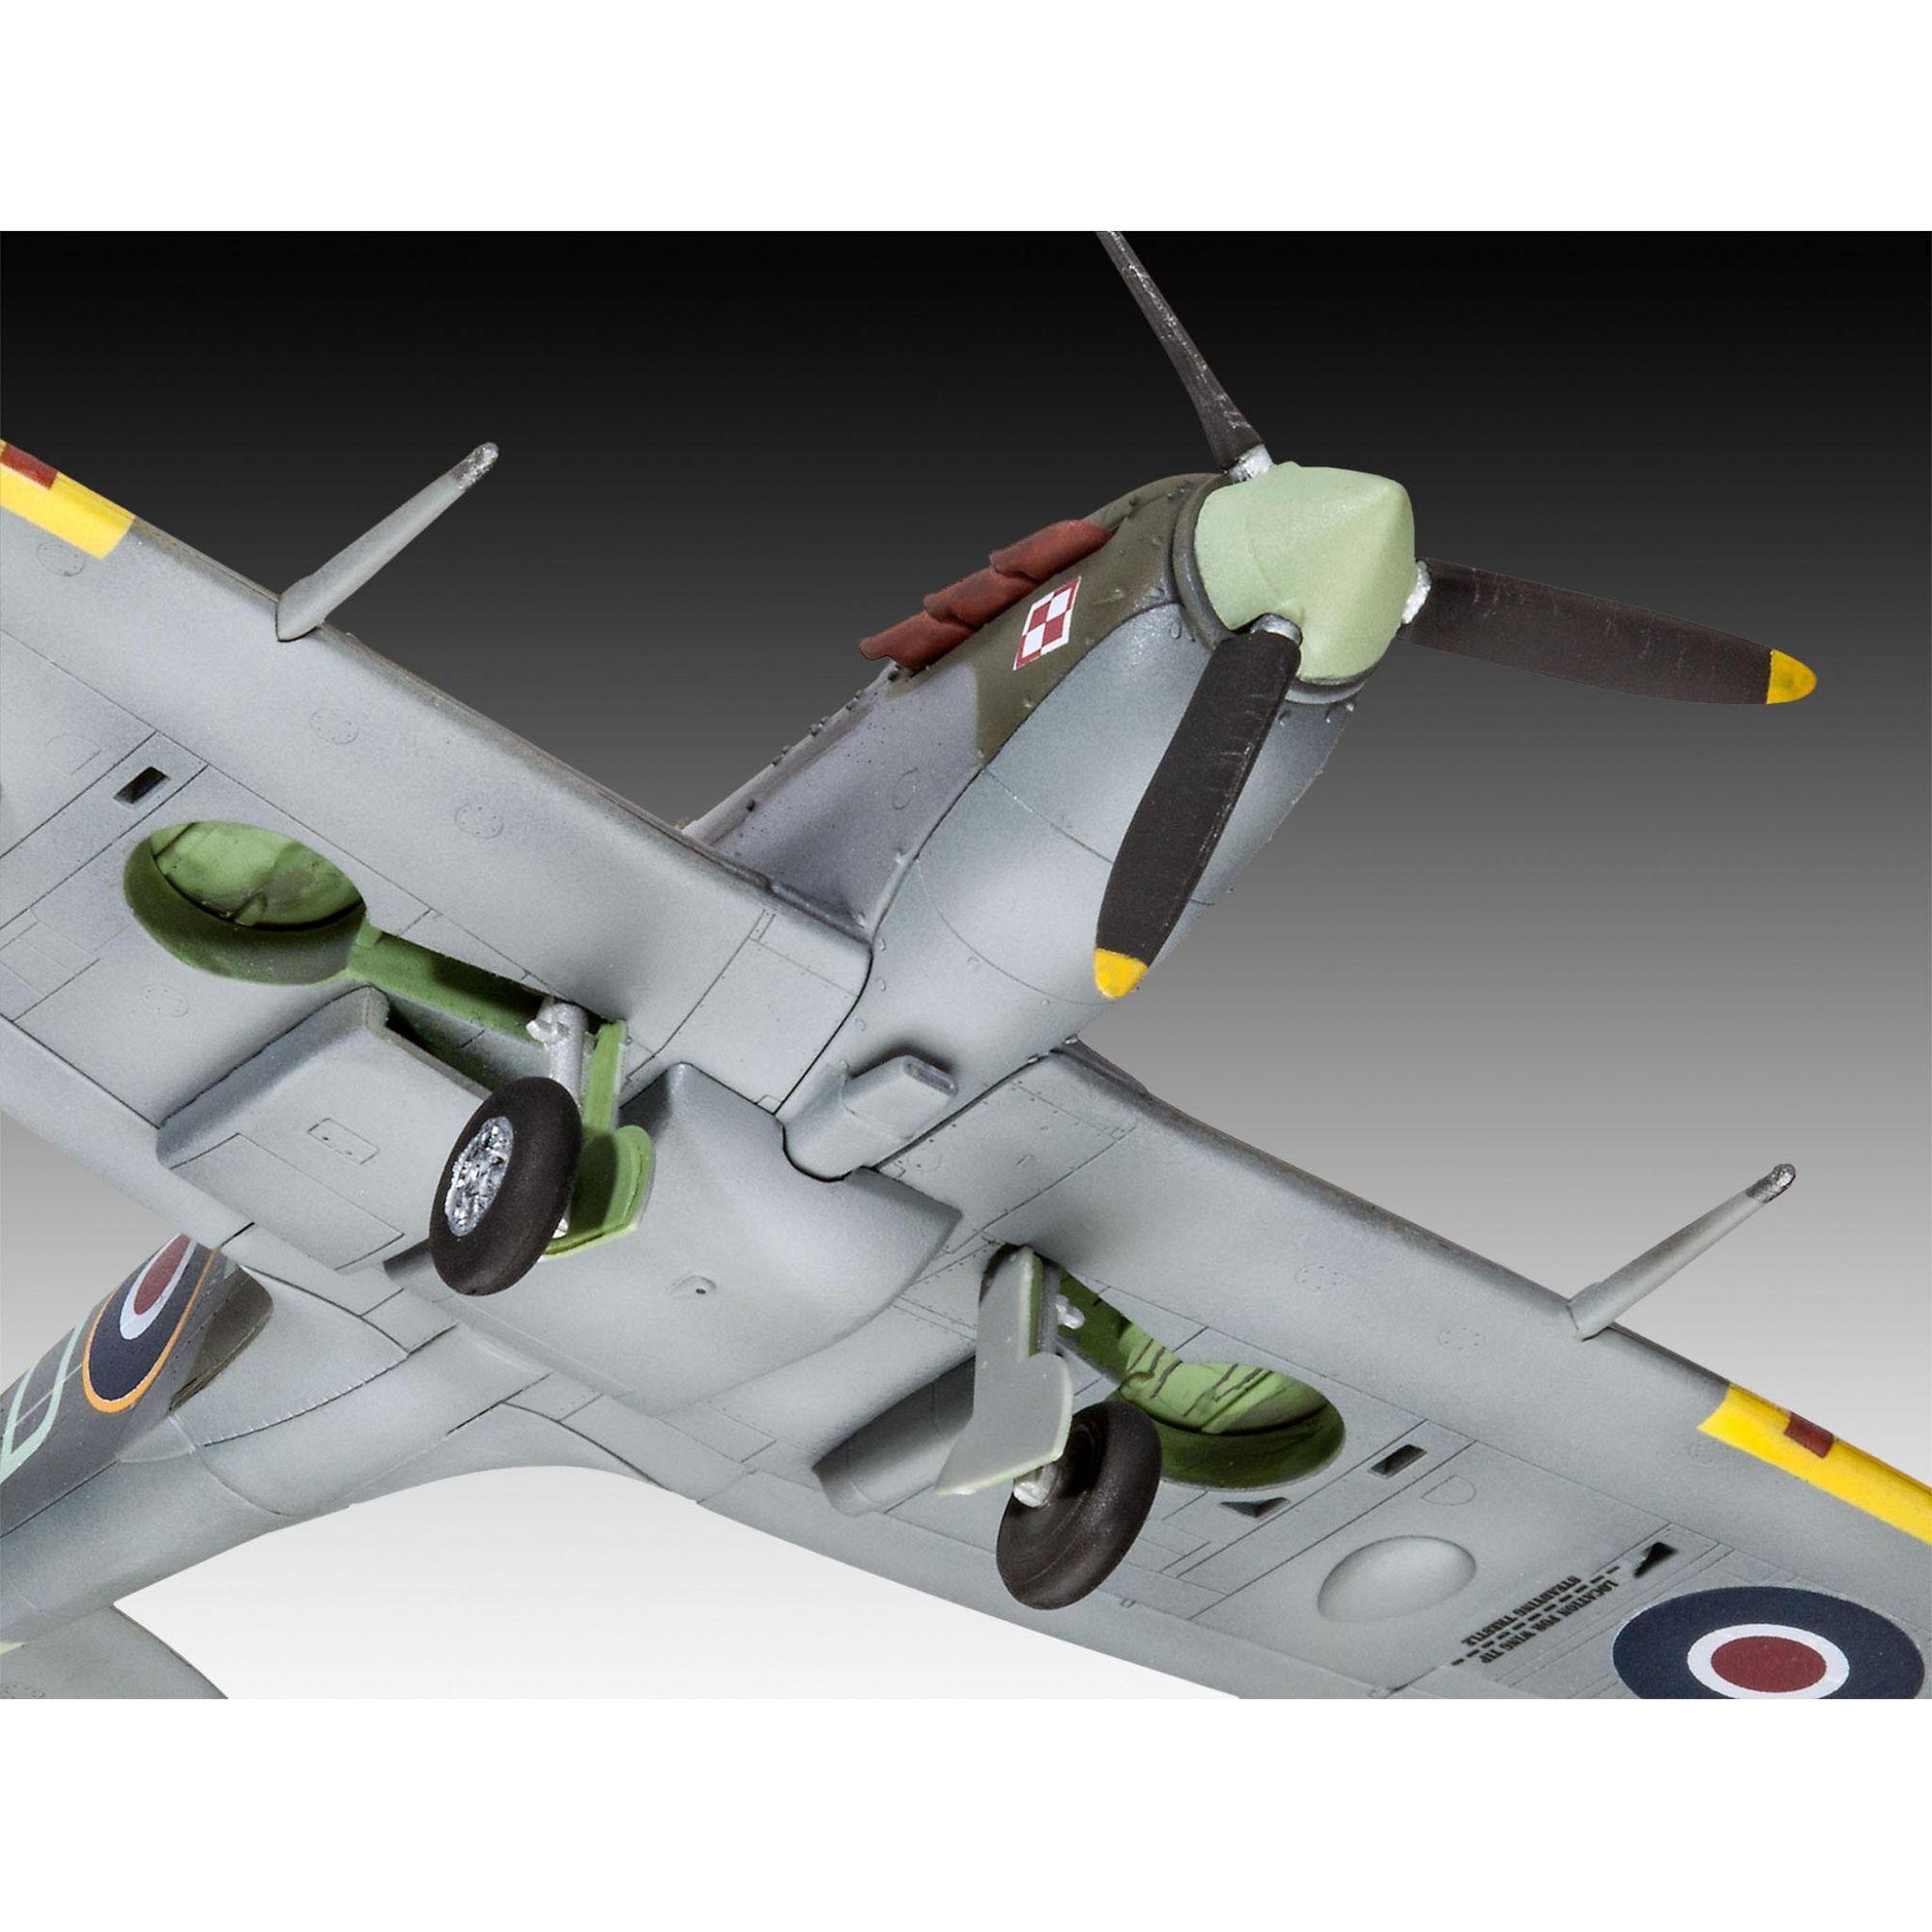 Supermarine Spitfire Mk.Vb - 1/72 - Revell 03897  - BLIMPS COMÉRCIO ELETRÔNICO